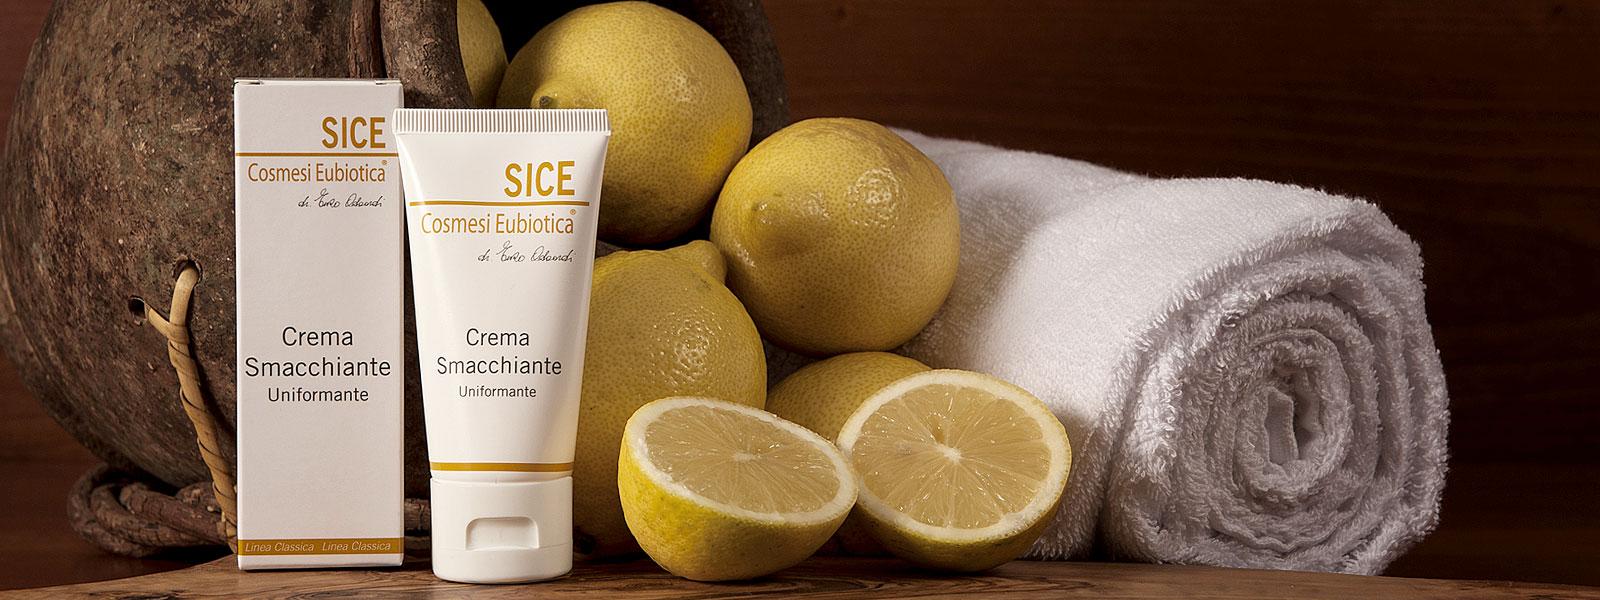 Crema Smacchiante Uniformante Sice Eubiotica, combatte le macchie sulla pelle